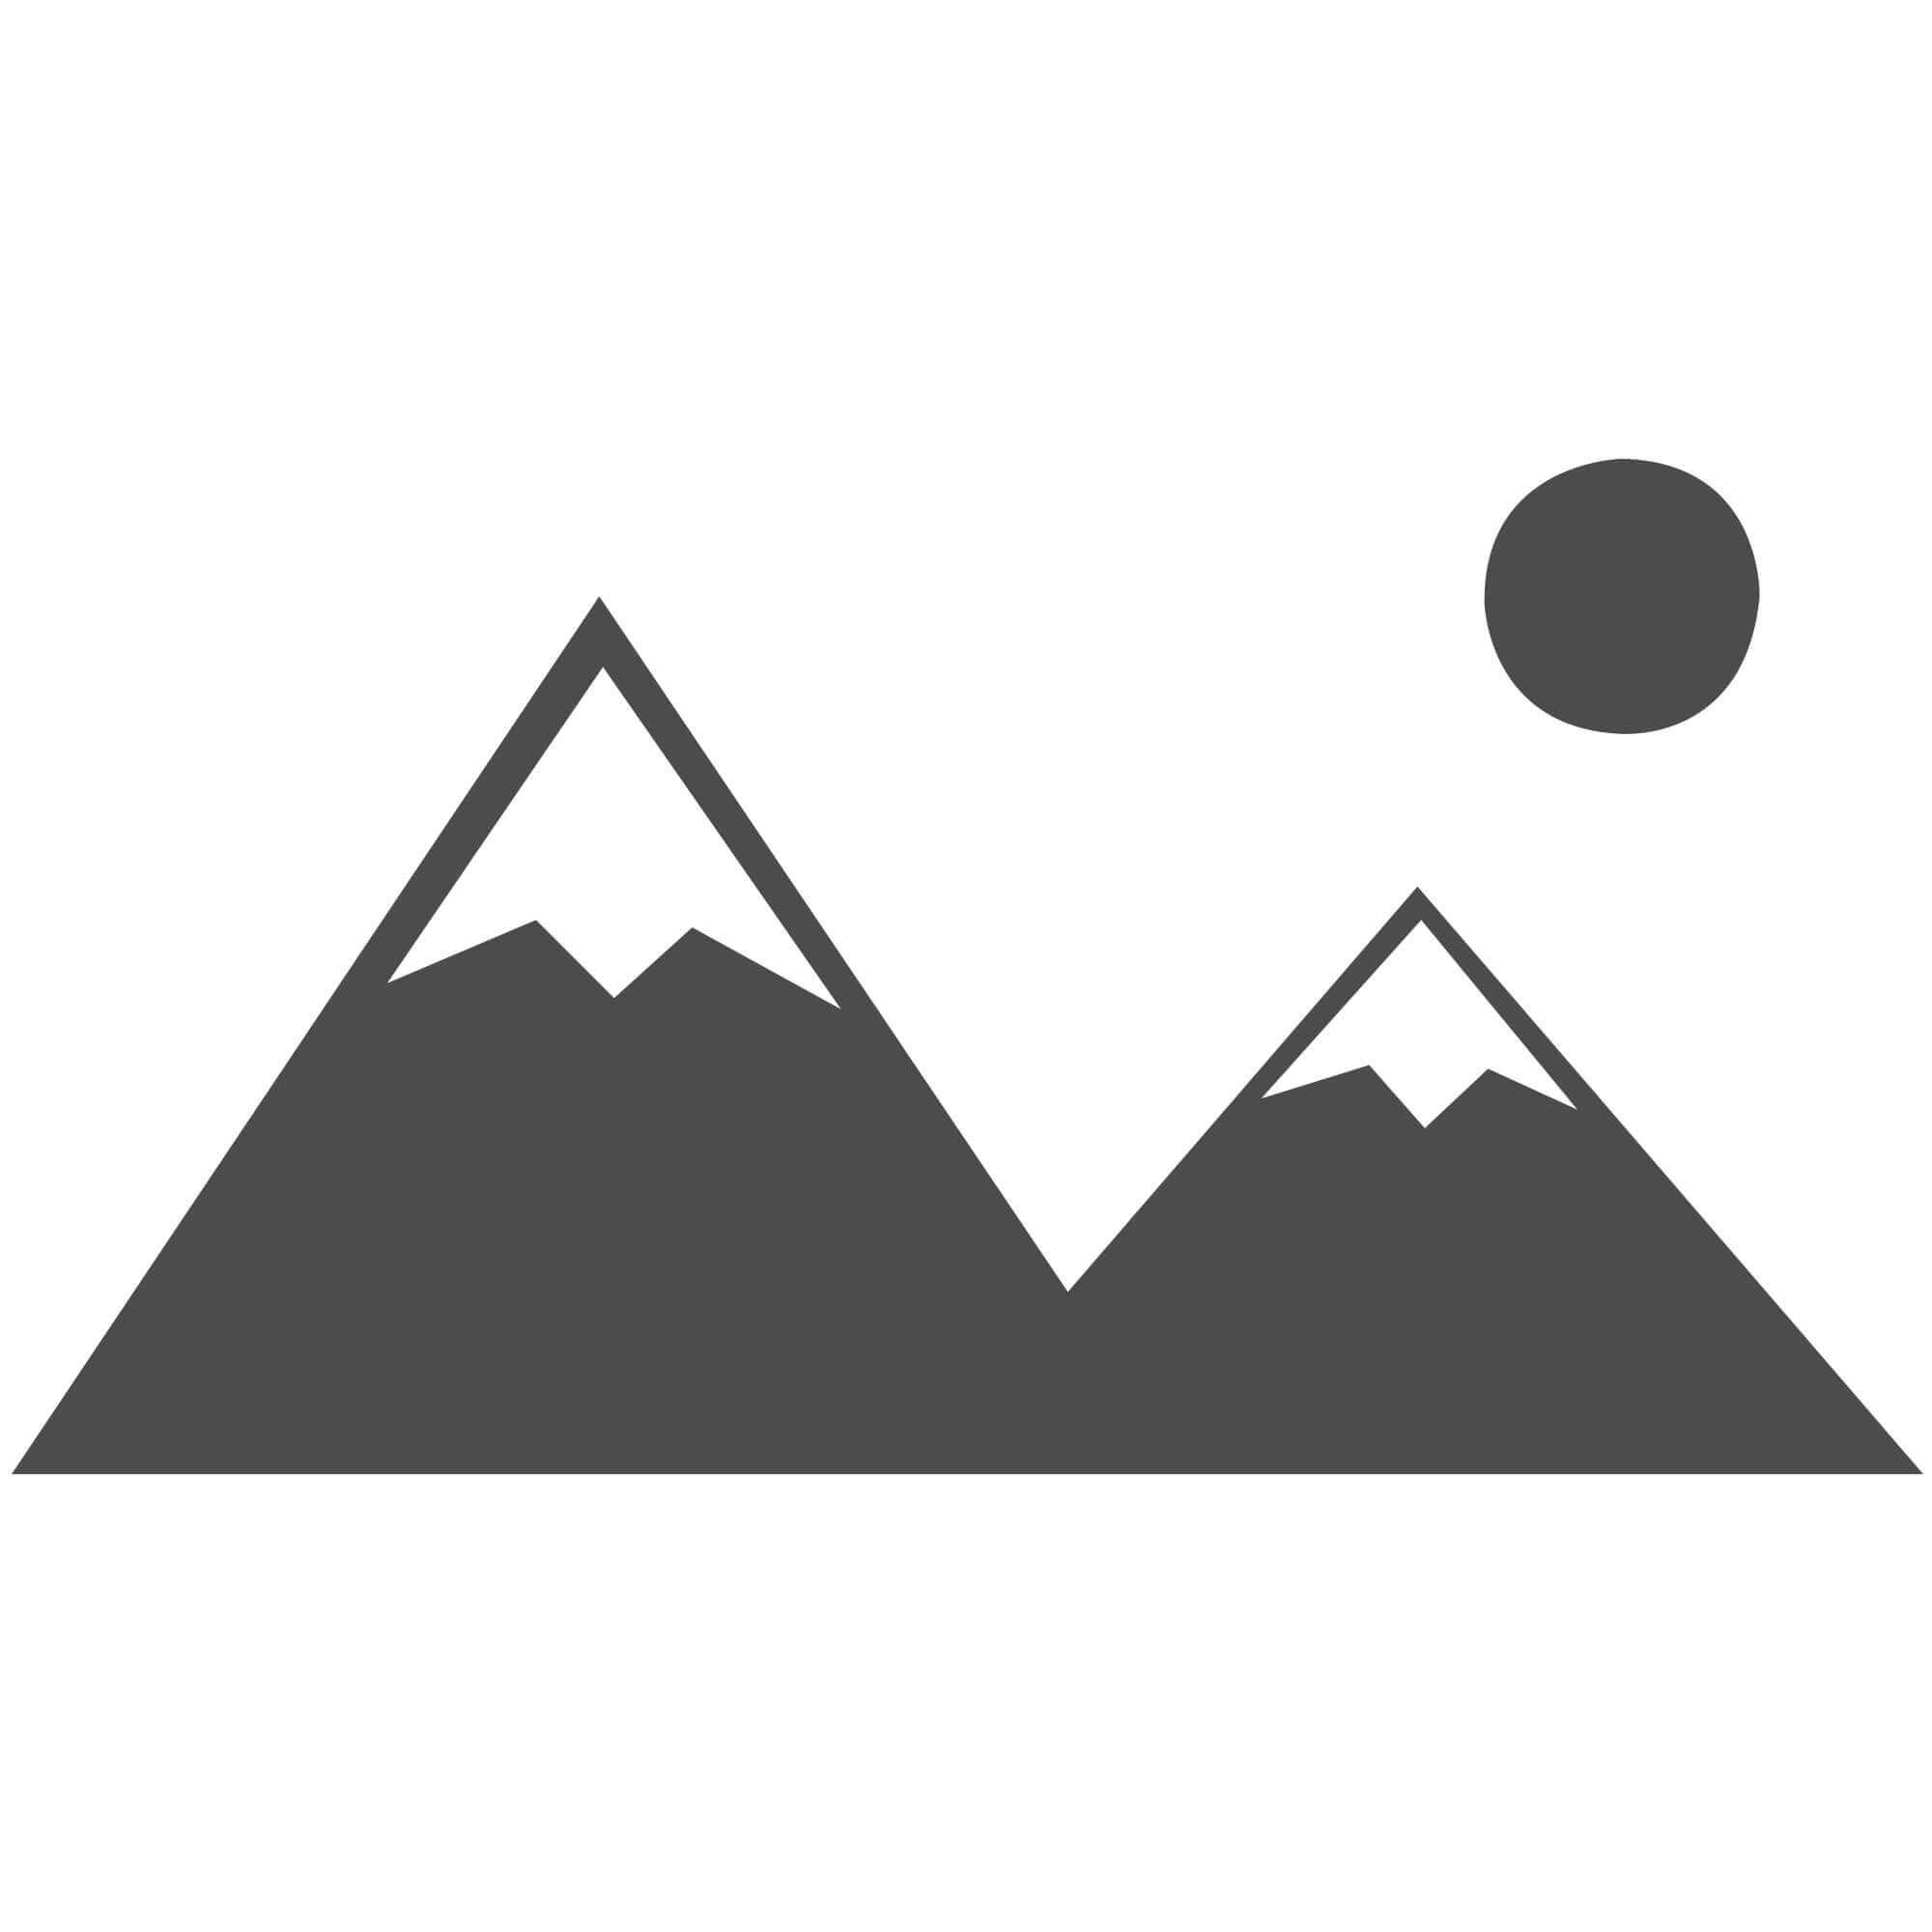 """Kashqai Afghan Turkmen Design Rug - 4346/300 - Size 200 x 300 cm (6'7"""" x 9'10"""")"""